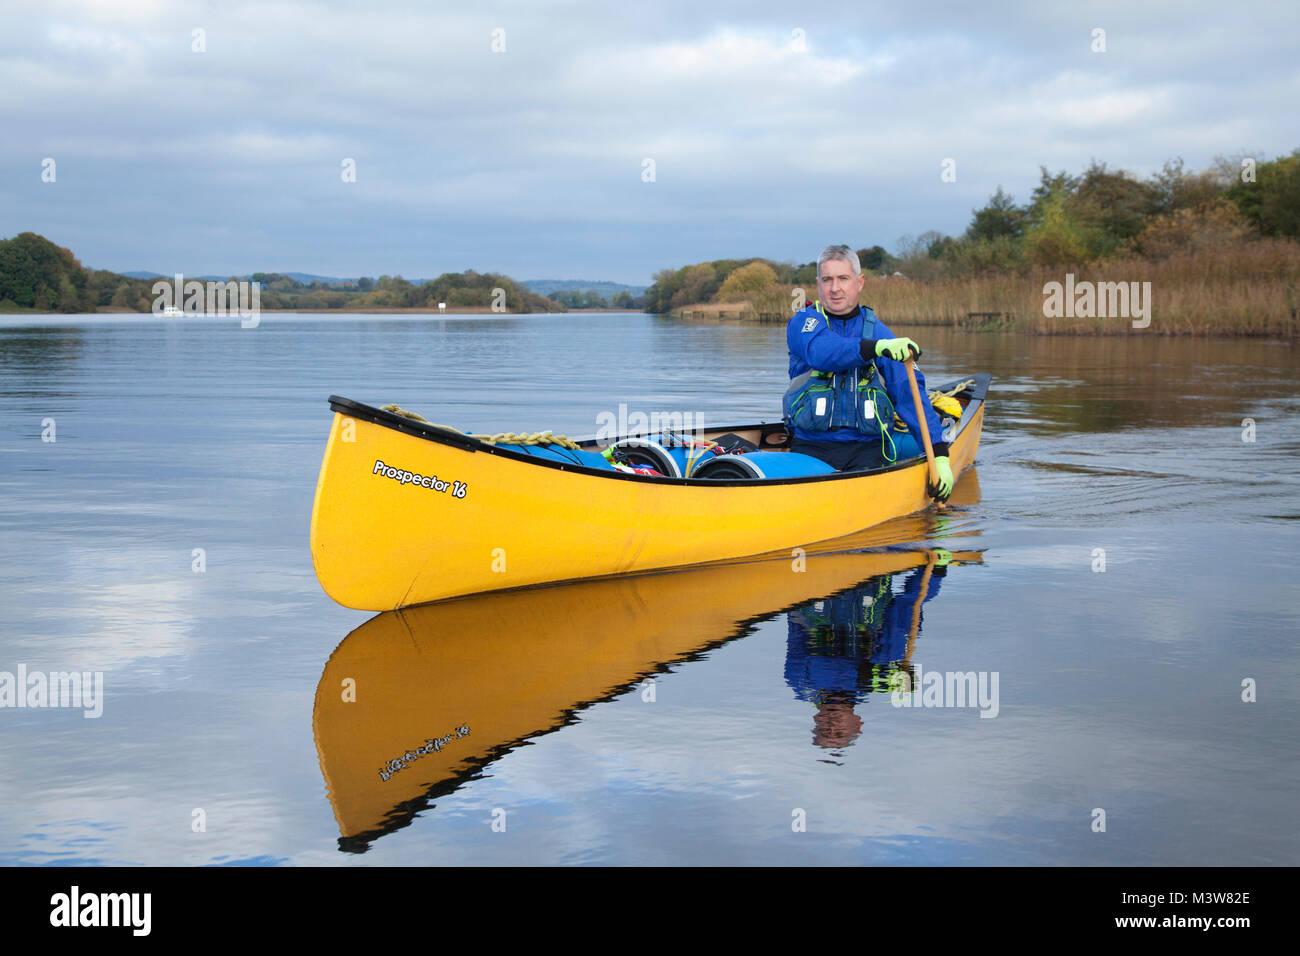 Canottaggio Nei pressi Bellanaleck, superiore del Lough Erne, County Fermanagh, Irlanda del Nord. Immagini Stock